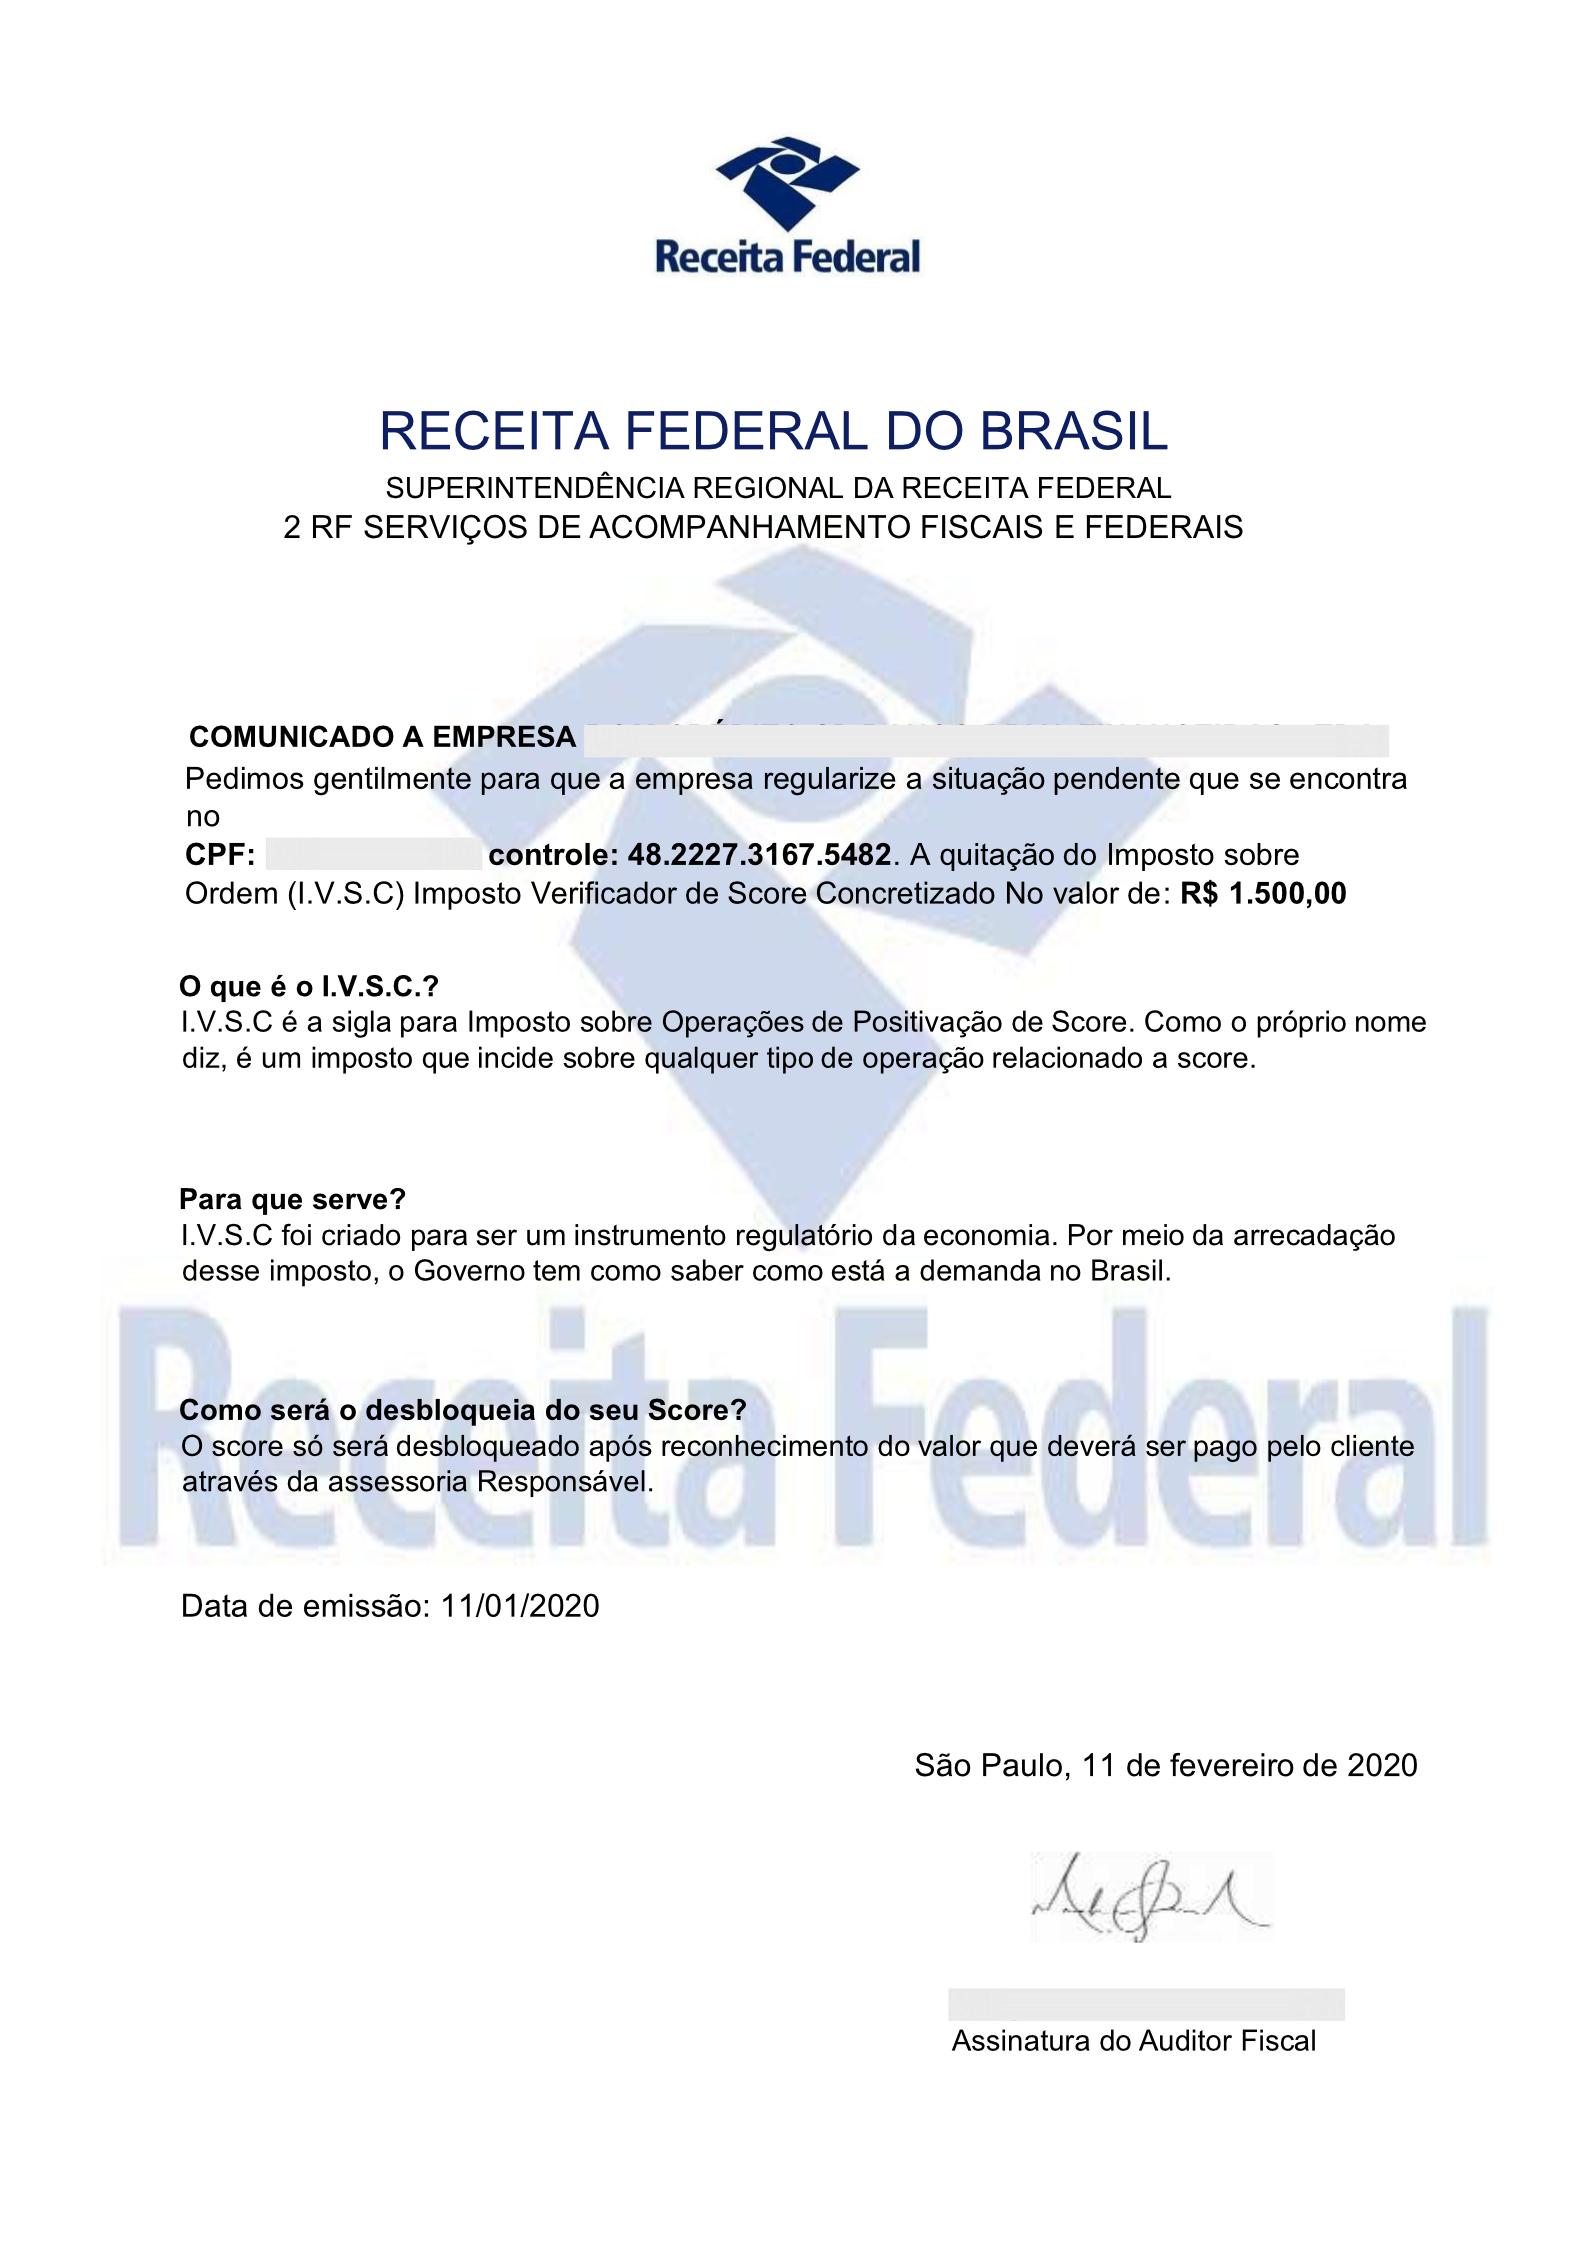 aReceita Federal informouque não fornece dados bancários para o recolhimento de tributos federais via depósito ou transferência